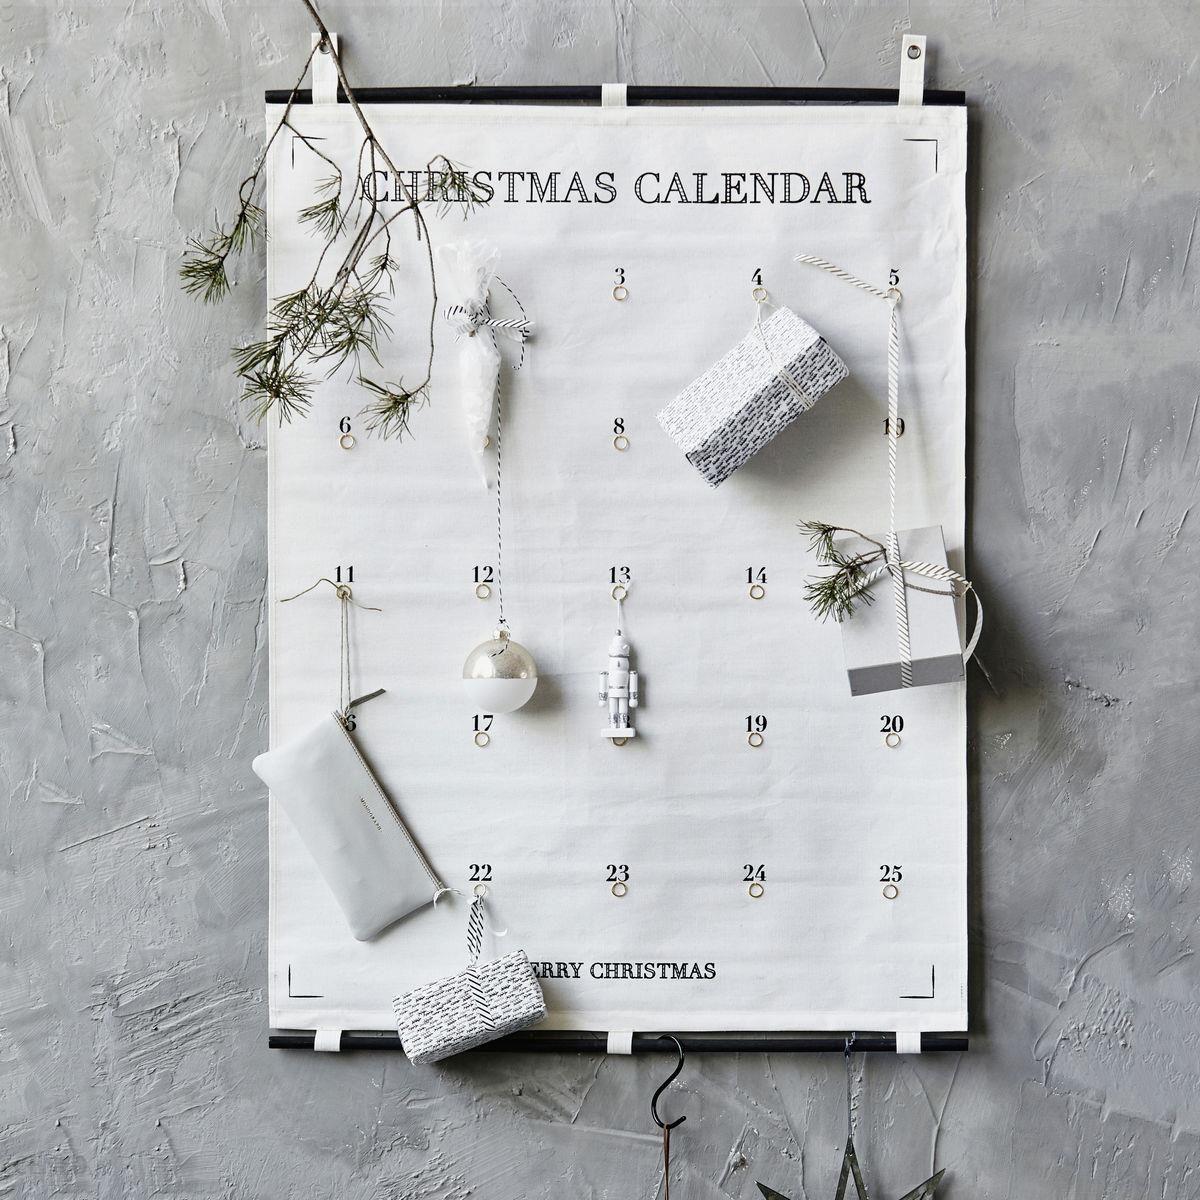 House Doctor Kalendarz Adwentowy Ls0510 Opinie I Atrakcyjne Ceny Na Ceneo Pl